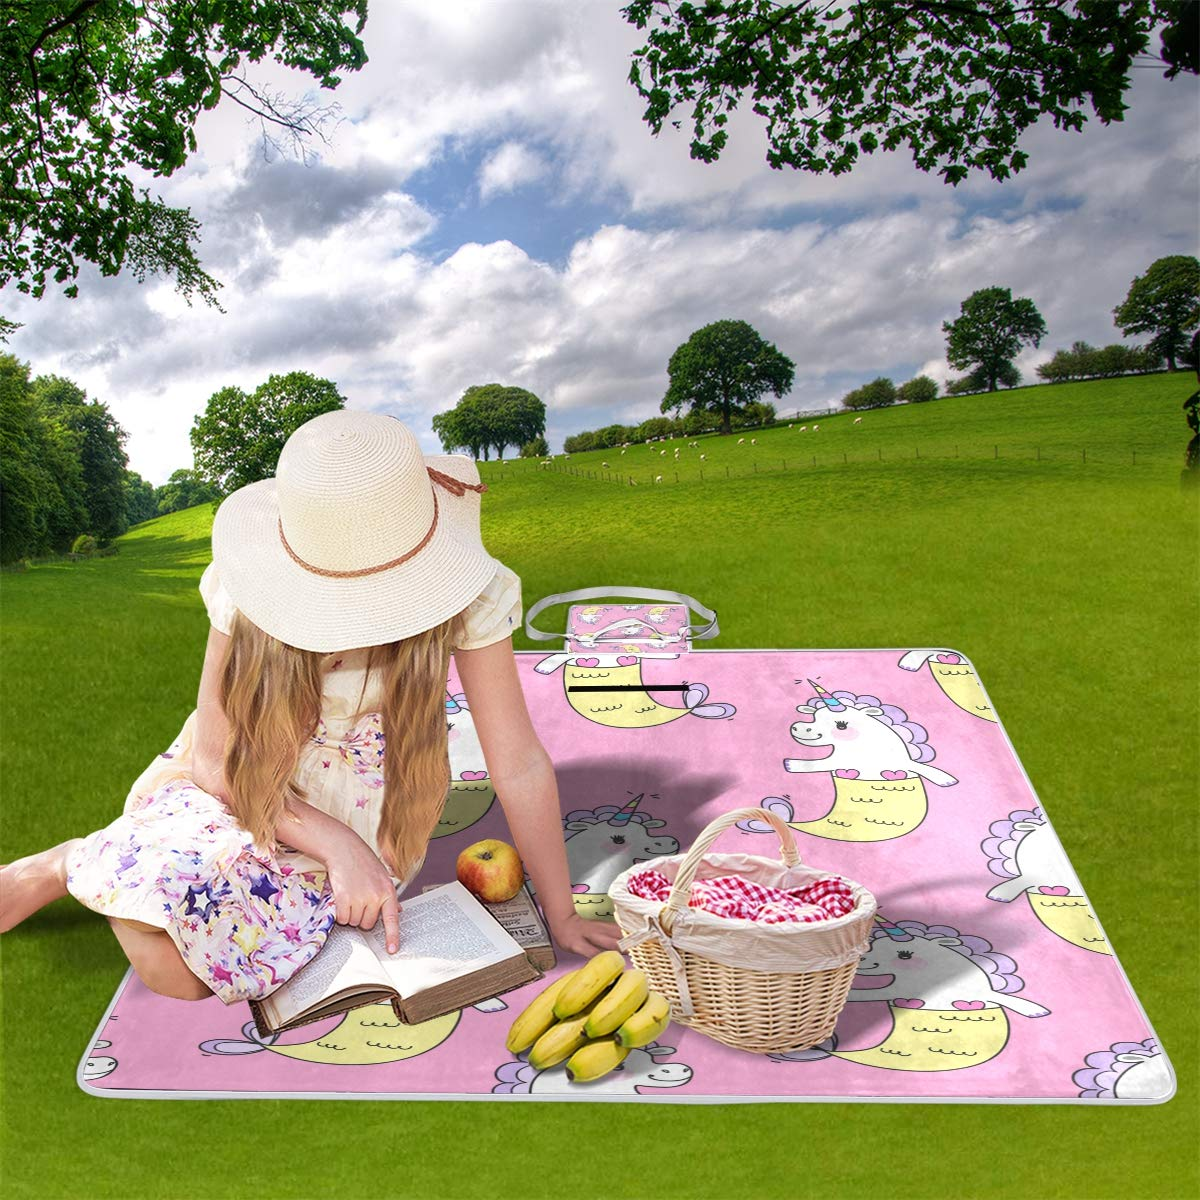 jeansame - Manta de Picnic con Manta diseño de Unicornios para cumpleaños, Helado, Manta con de Picnic, Camping, para Viajes al Aire Libre, Senderismo, Yoga, portátil, Plegable, 150 x 145 cm 16675f